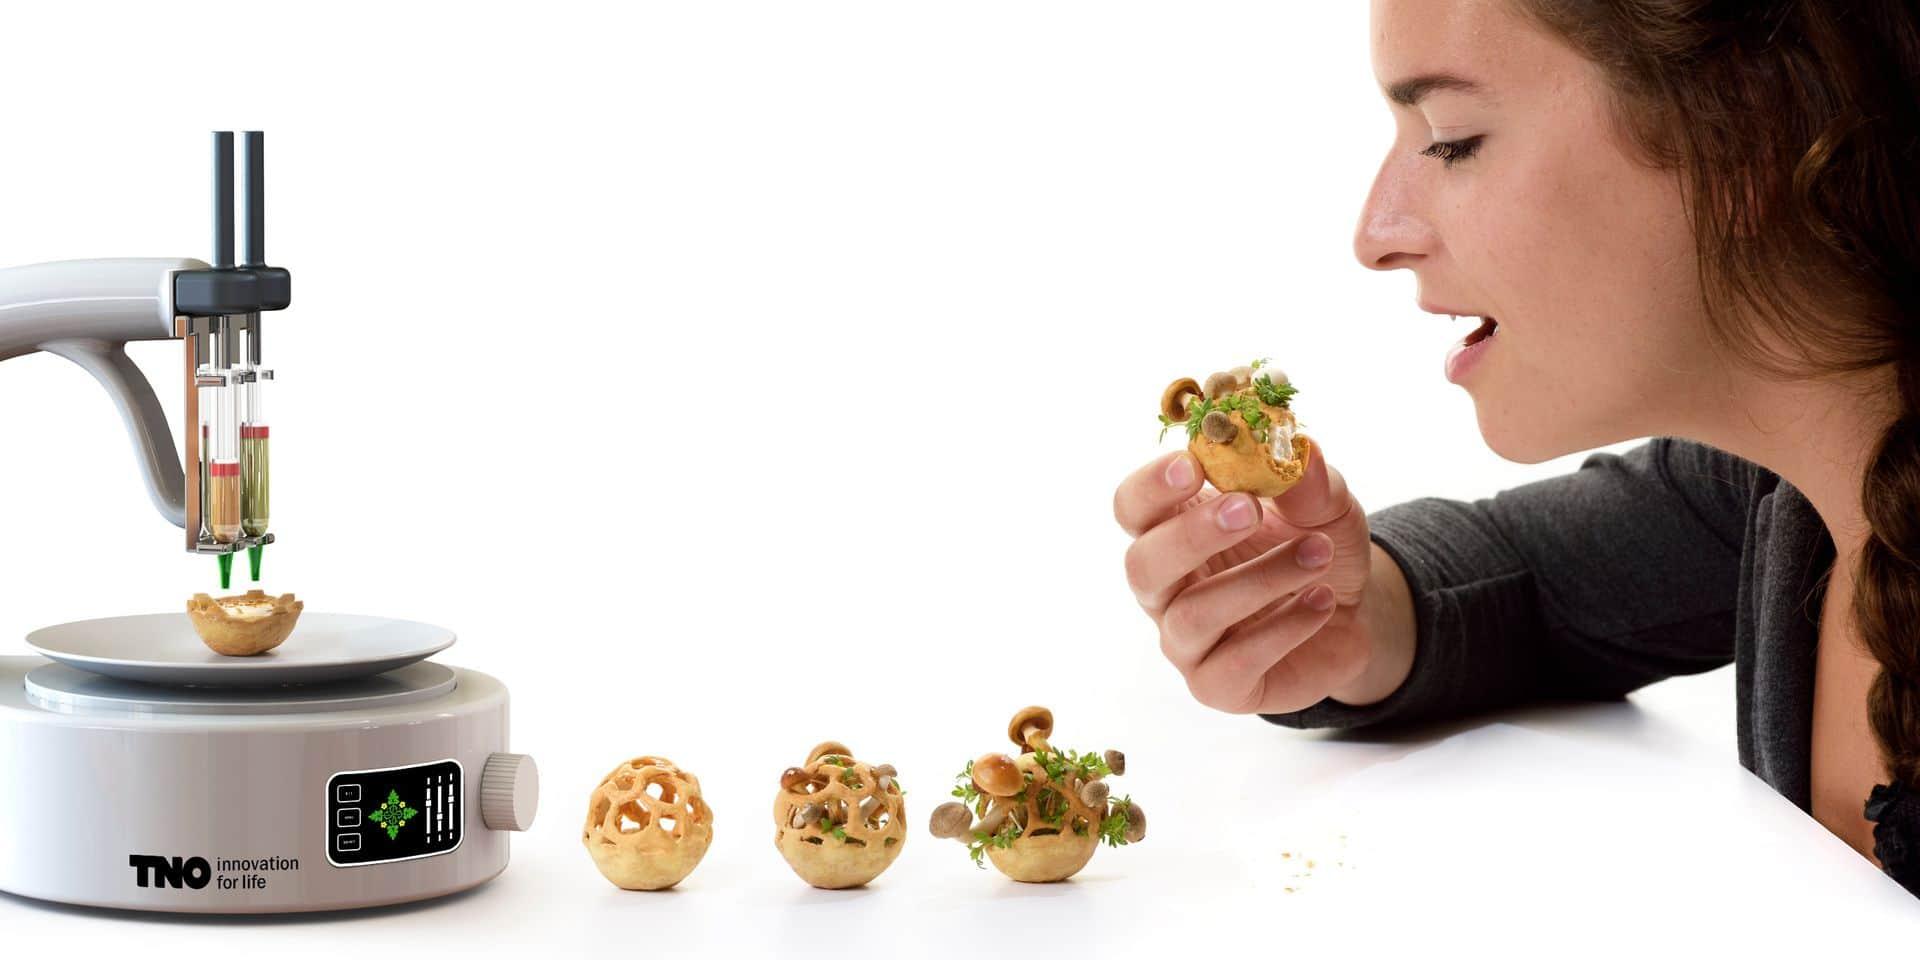 Concours : Remportez 10 x 2 tickets pour l'expo Serial Eater - Food design stories au Grand-Hornu dès le 19 mai !